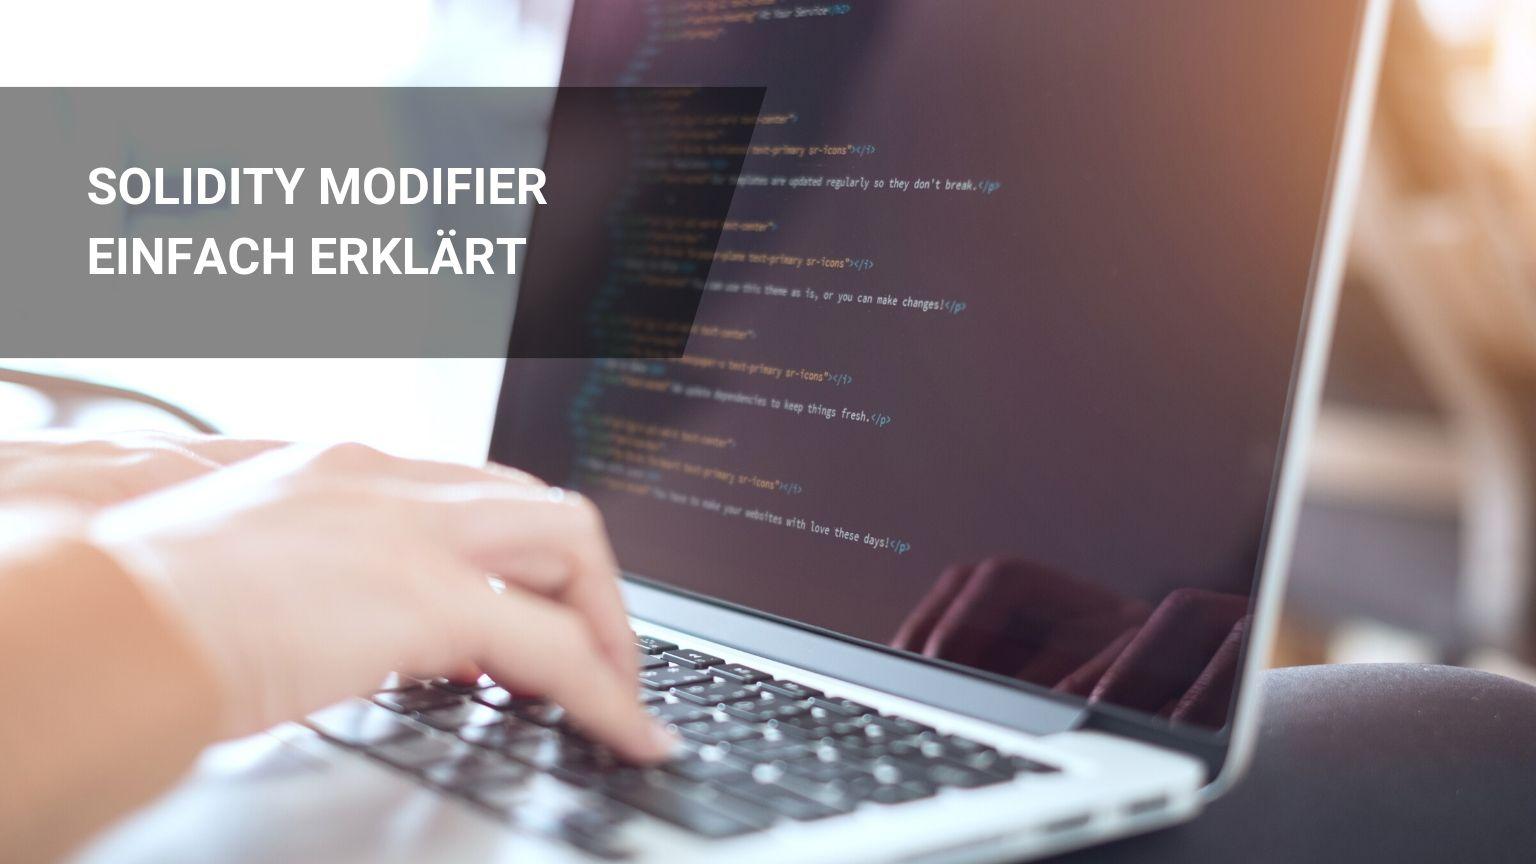 Solidity Modifier Einfach Erklärt